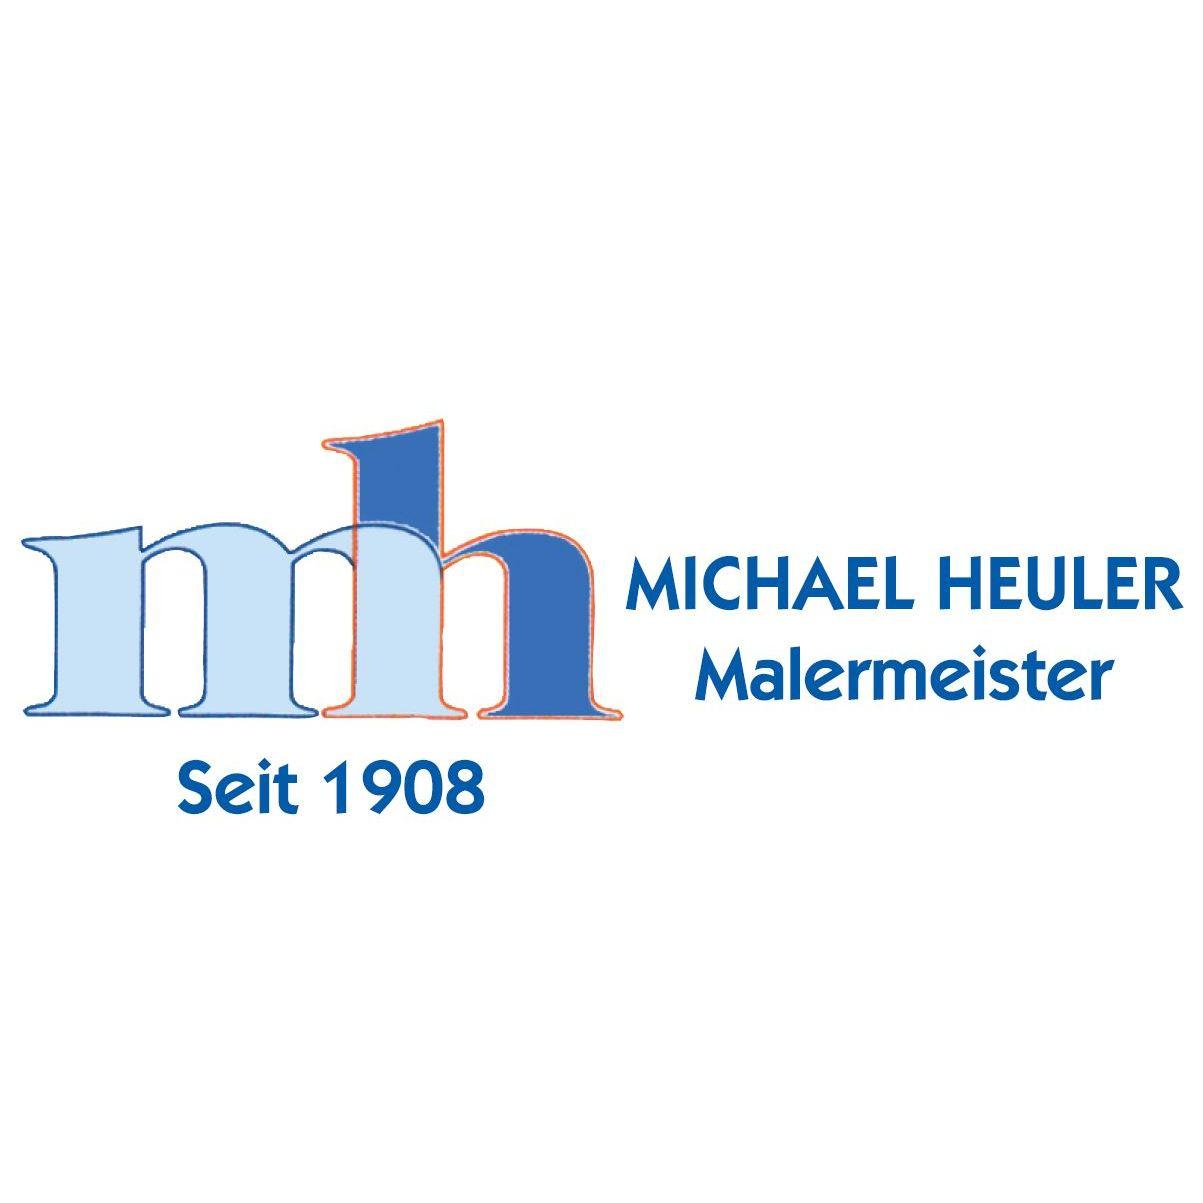 Malermeister Michael Heuler